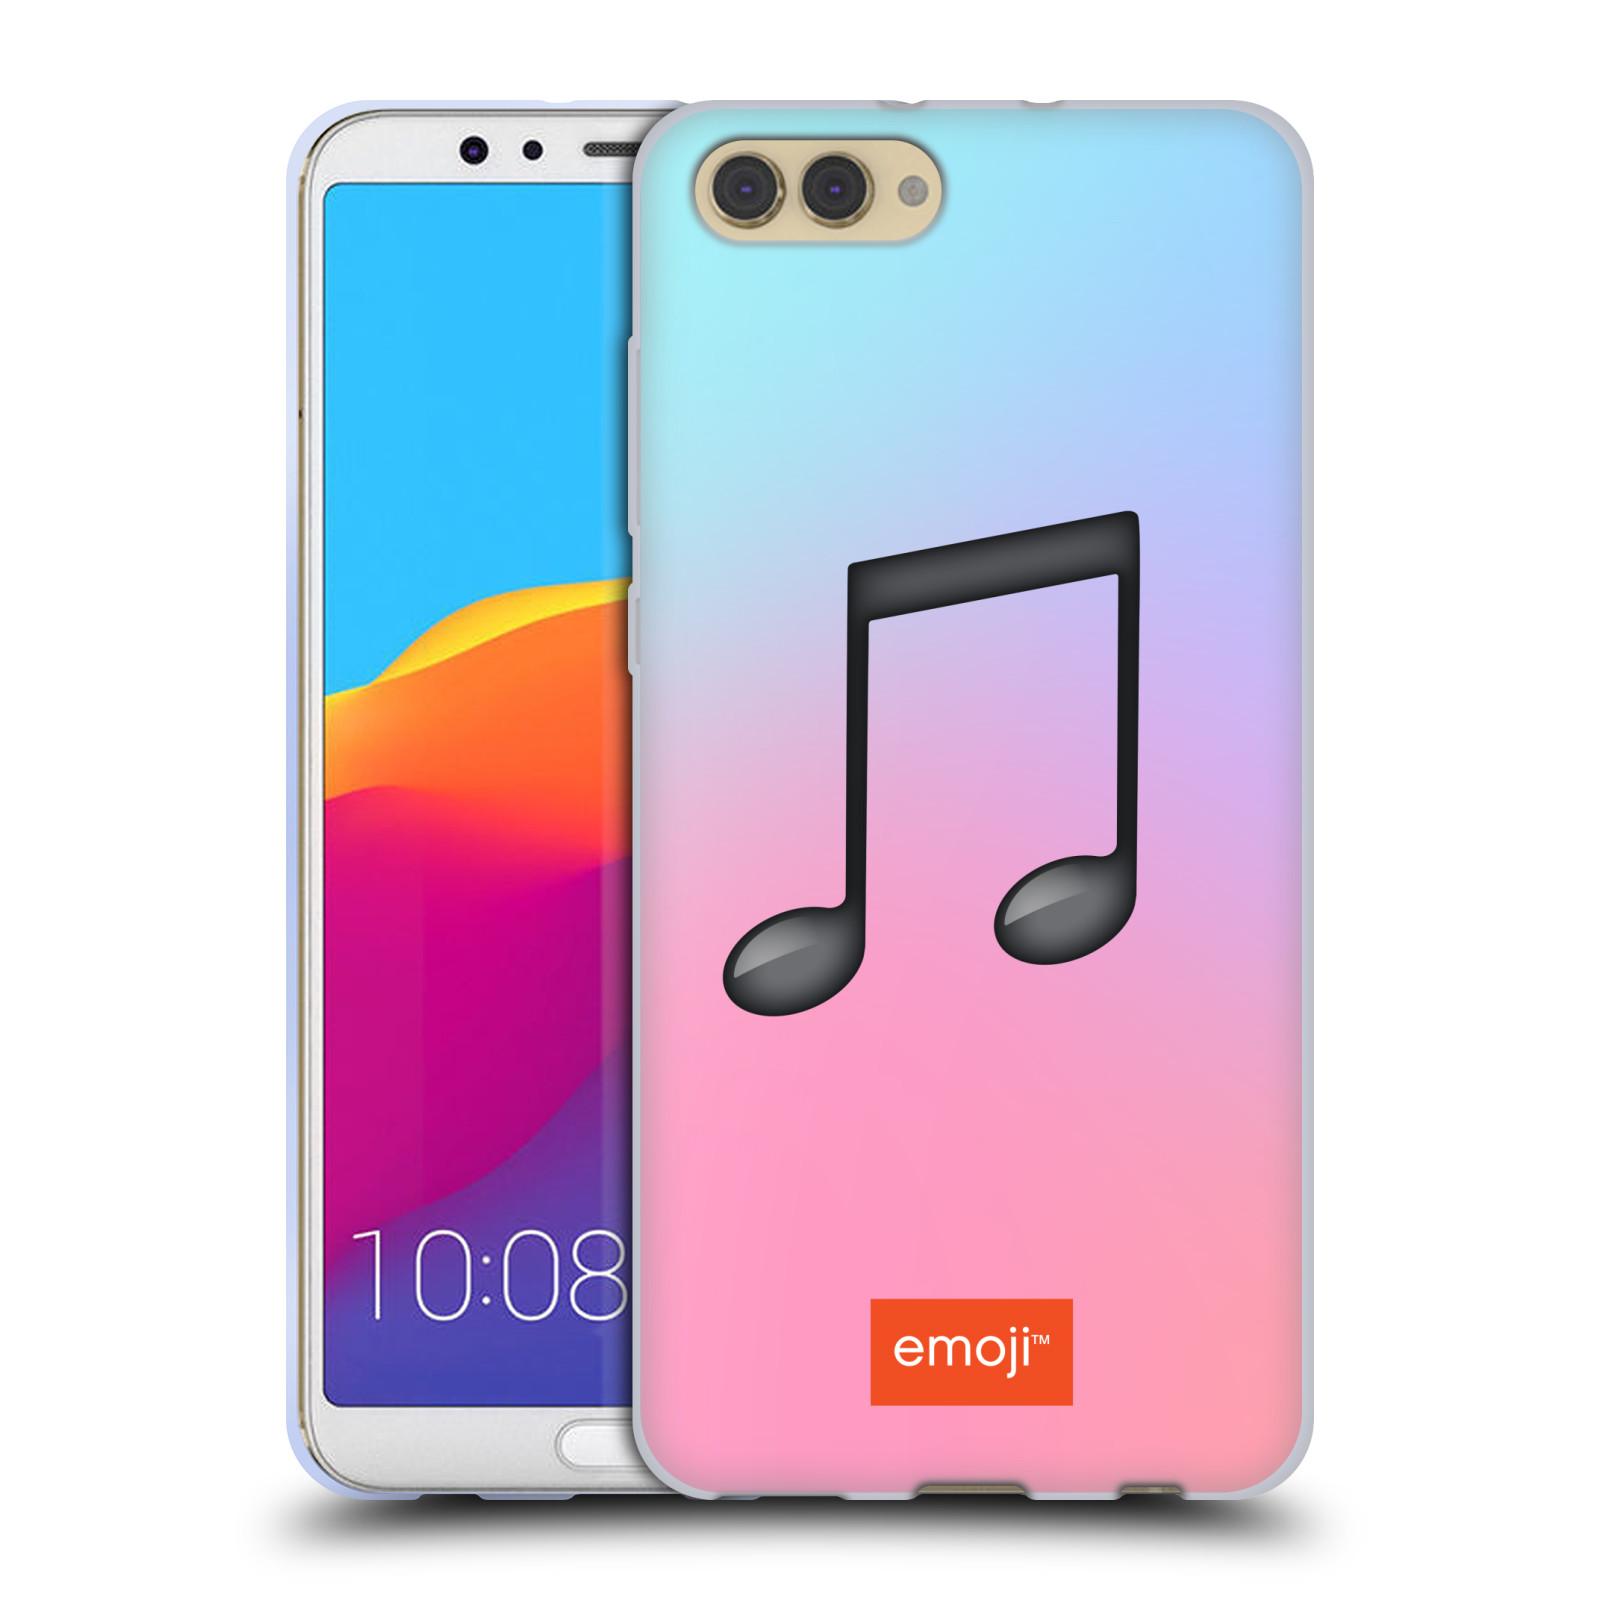 HEAD CASE silikonový obal na mobil Huawei HONOR VIEW 10 / V10 oficiální kryt EMOJI hudba nota